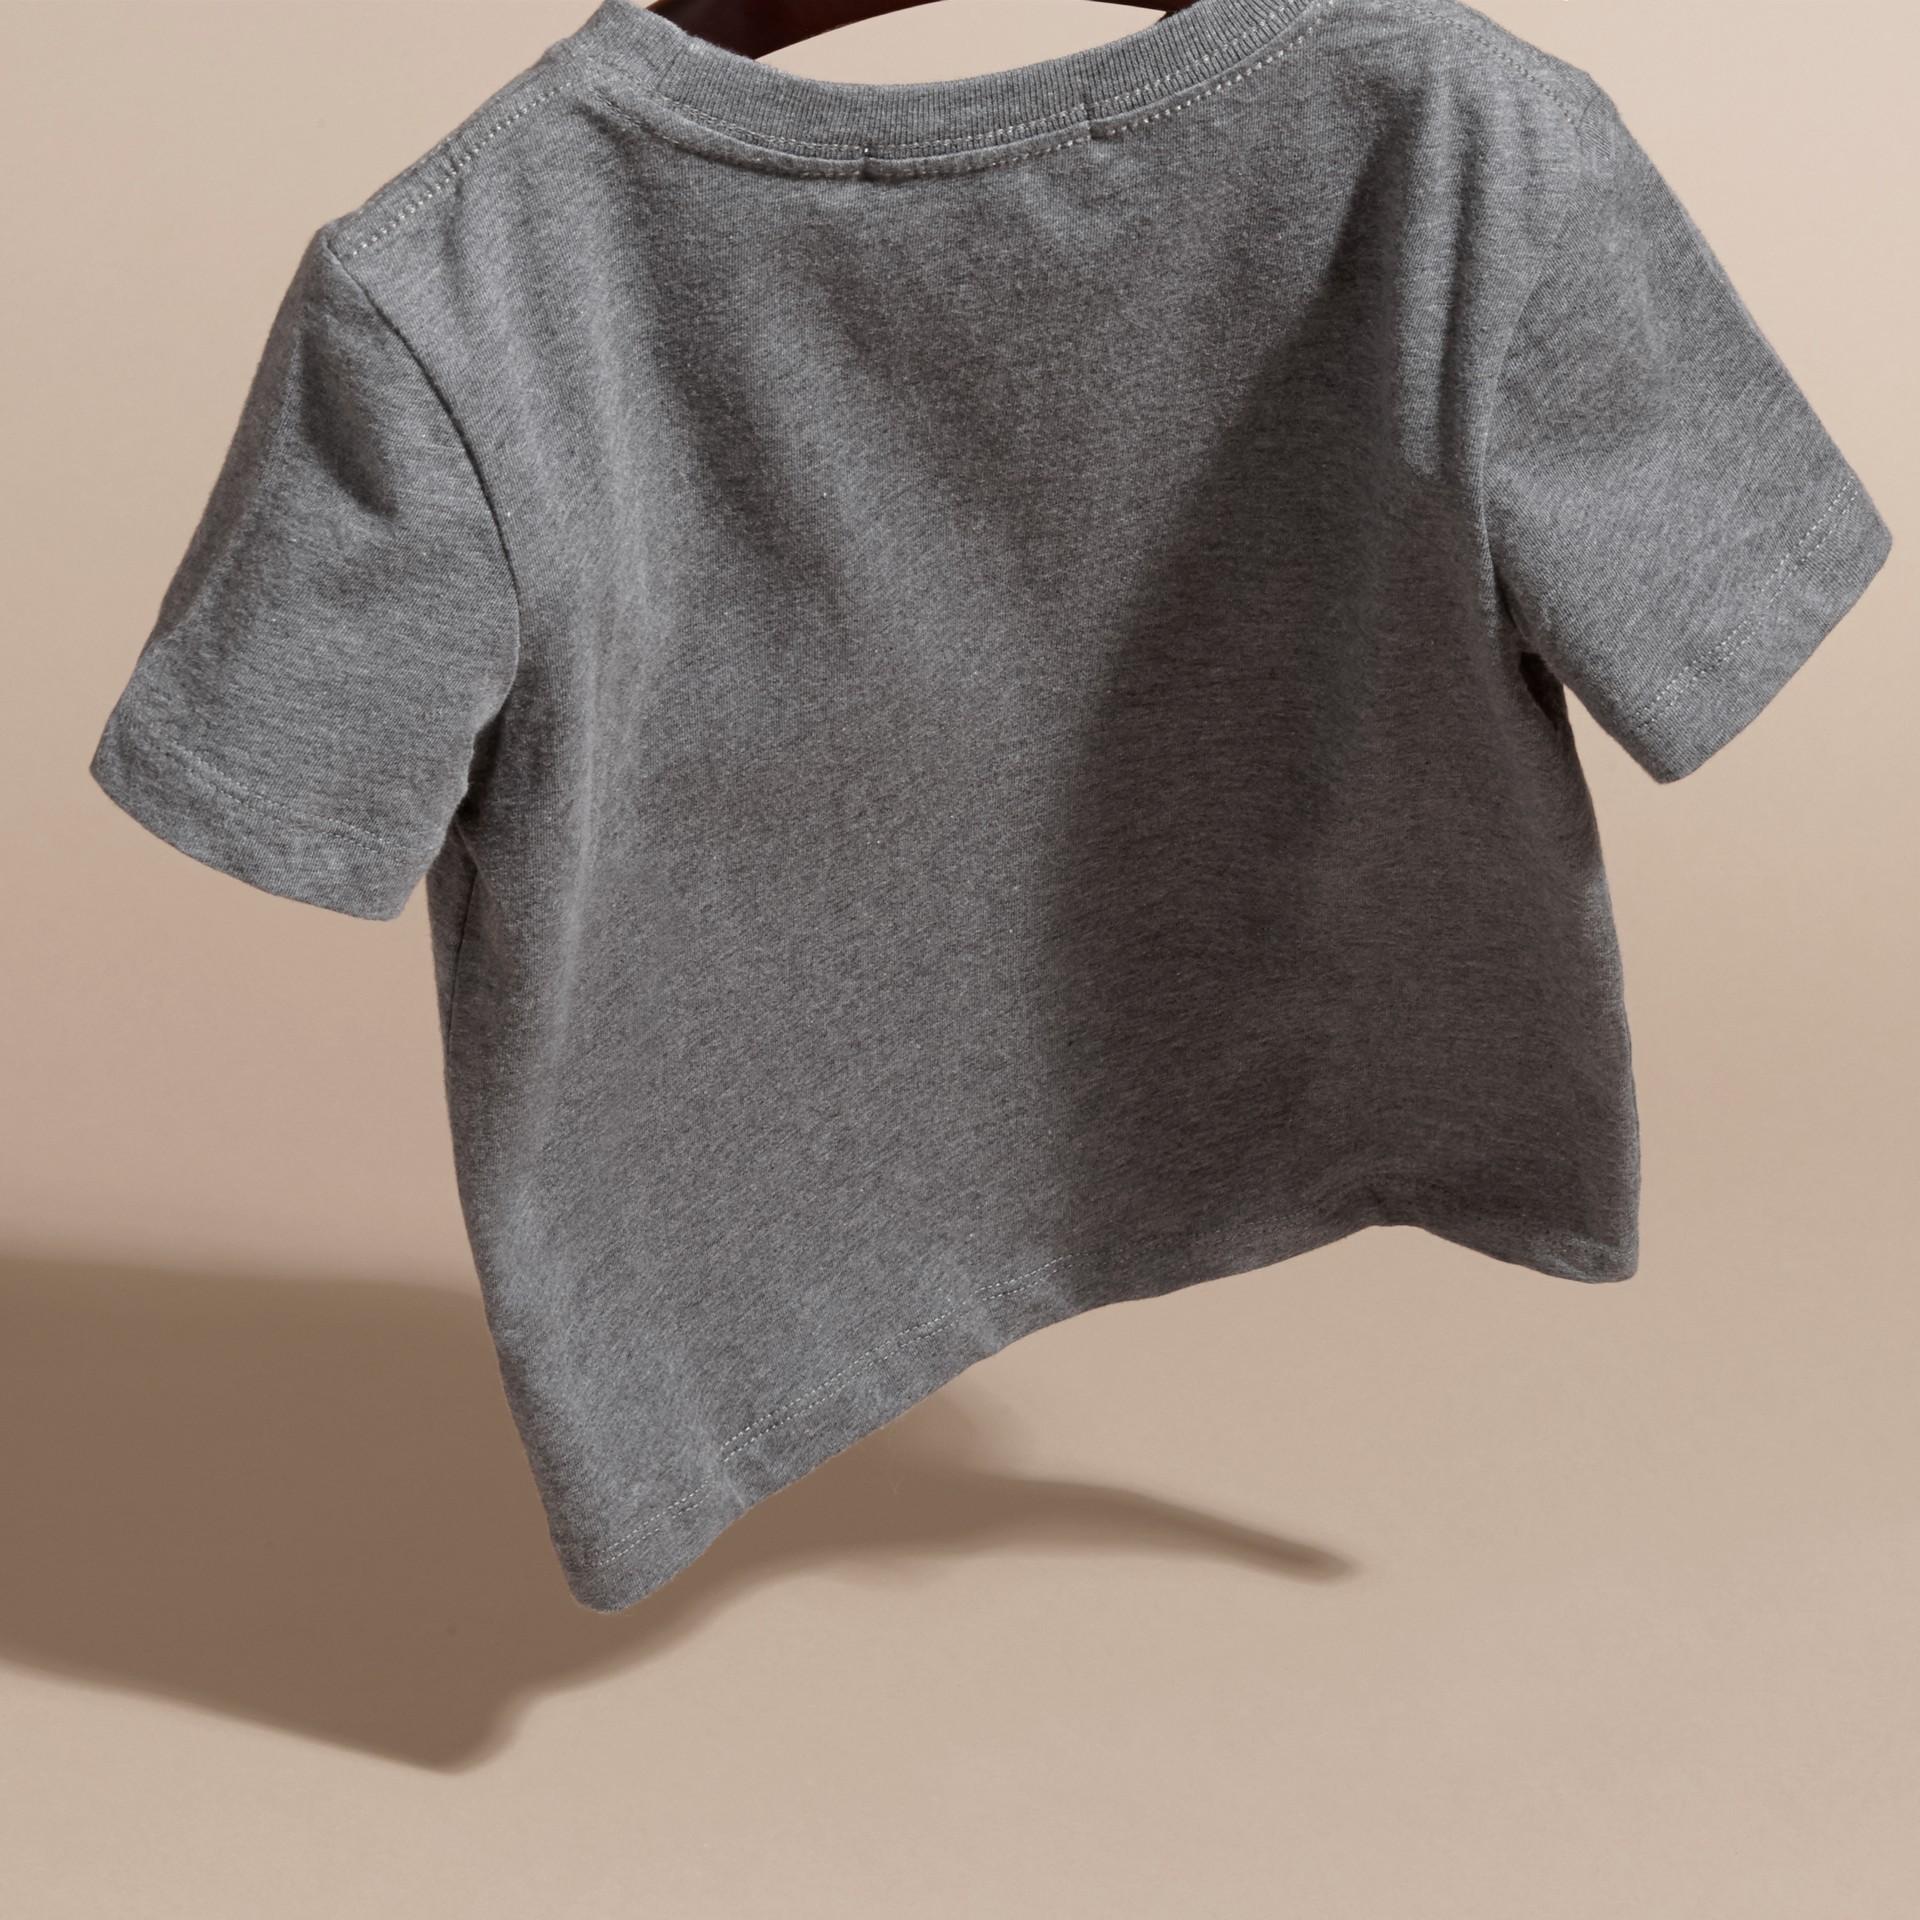 Nero fumo mélange T-shirt girocollo in cotone Nero Fumo Mélange - immagine della galleria 4